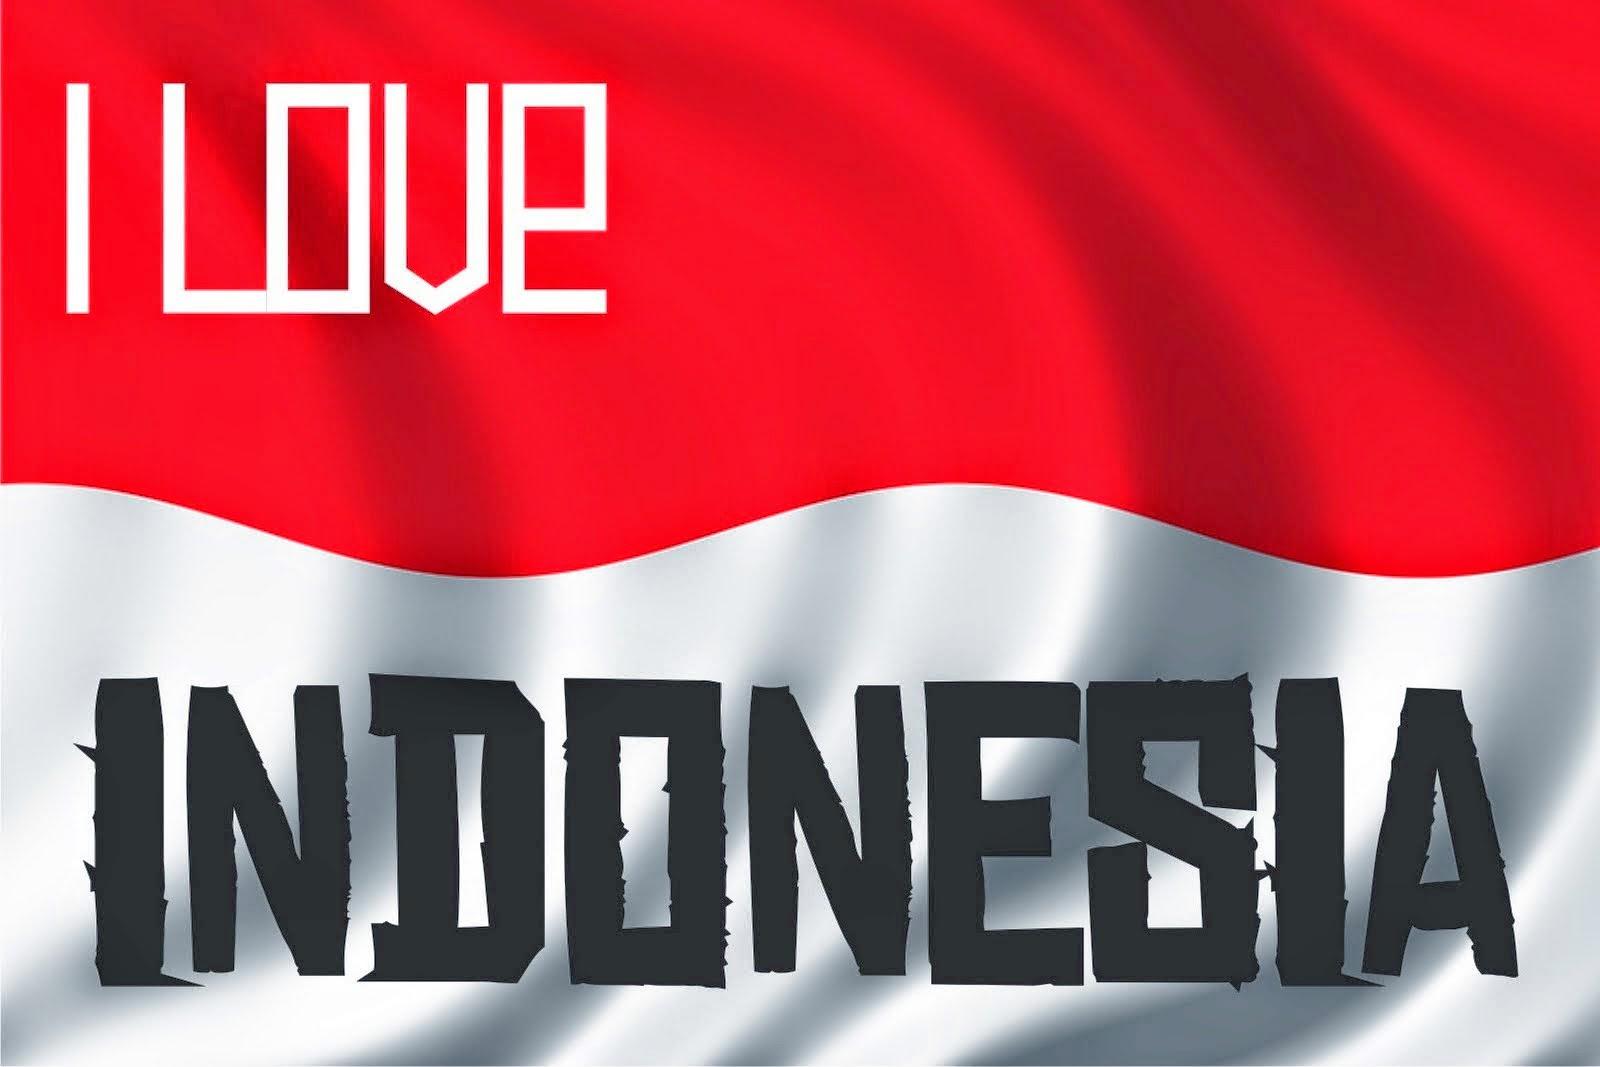 Ssh Premium Indonesia 5 sampai 6 Agustus 2014